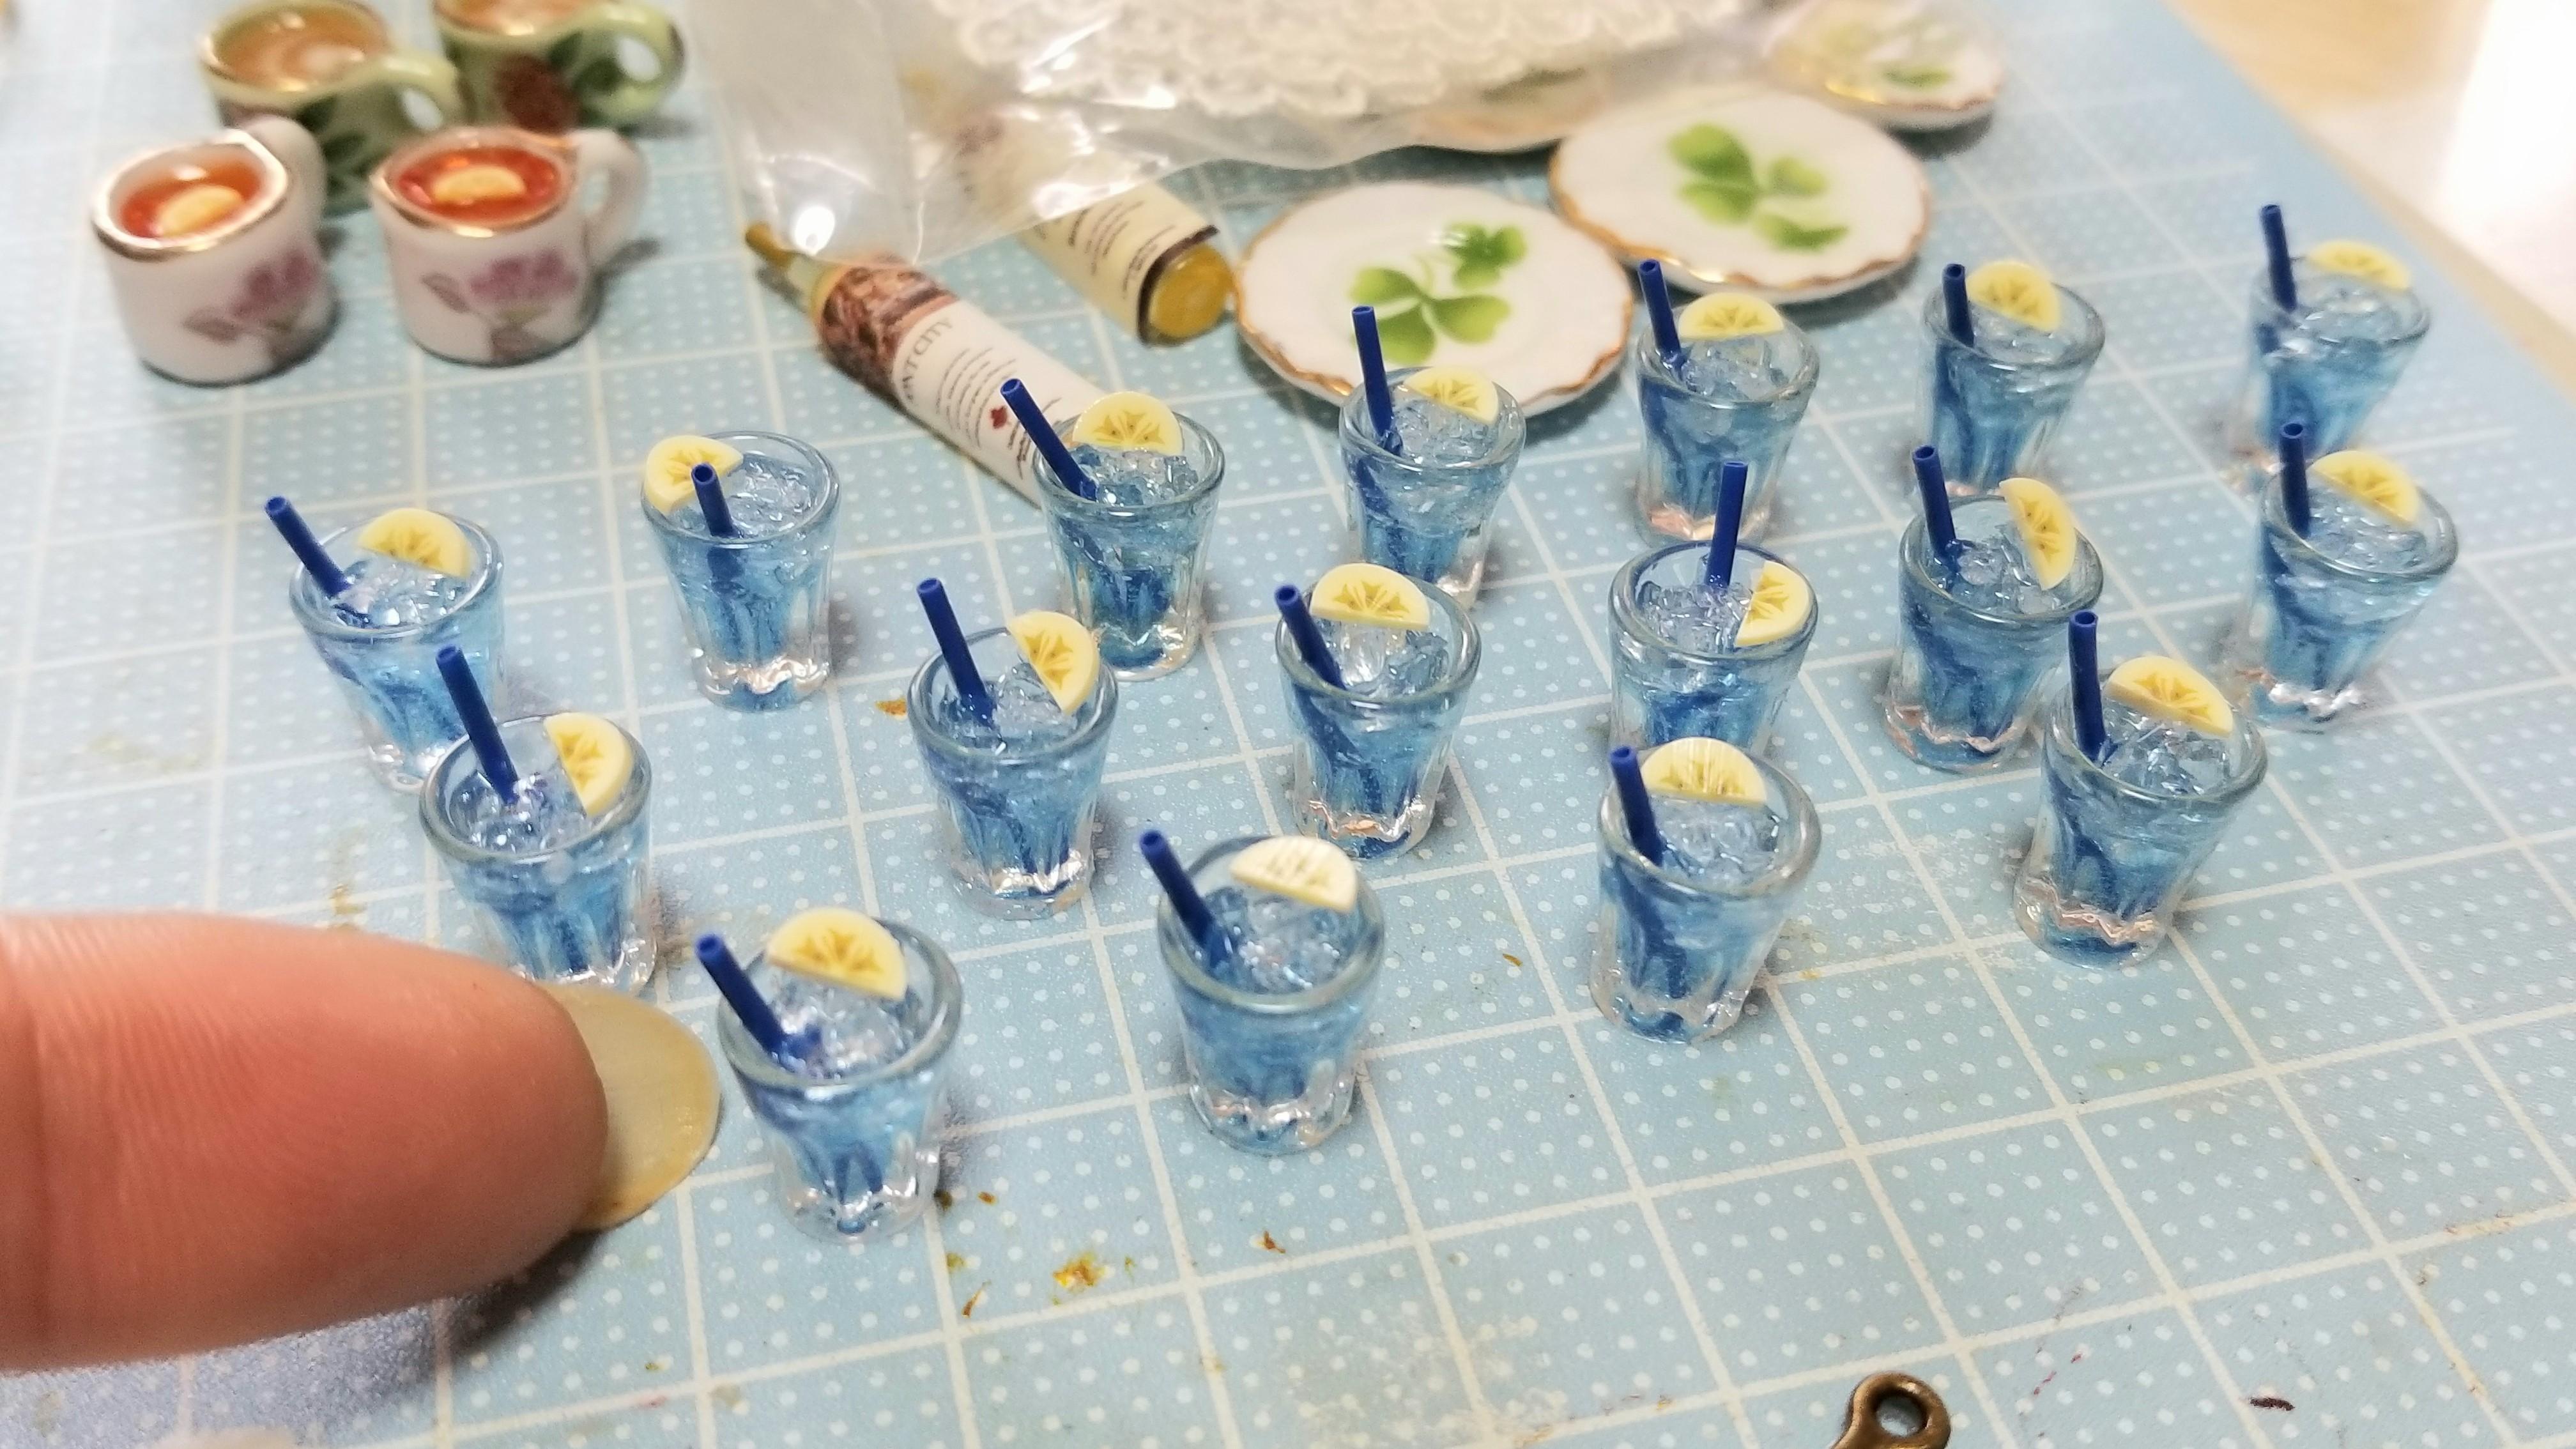 ミニチュアフード飲み物ドリンクミンネの人気商品自作レジンアート